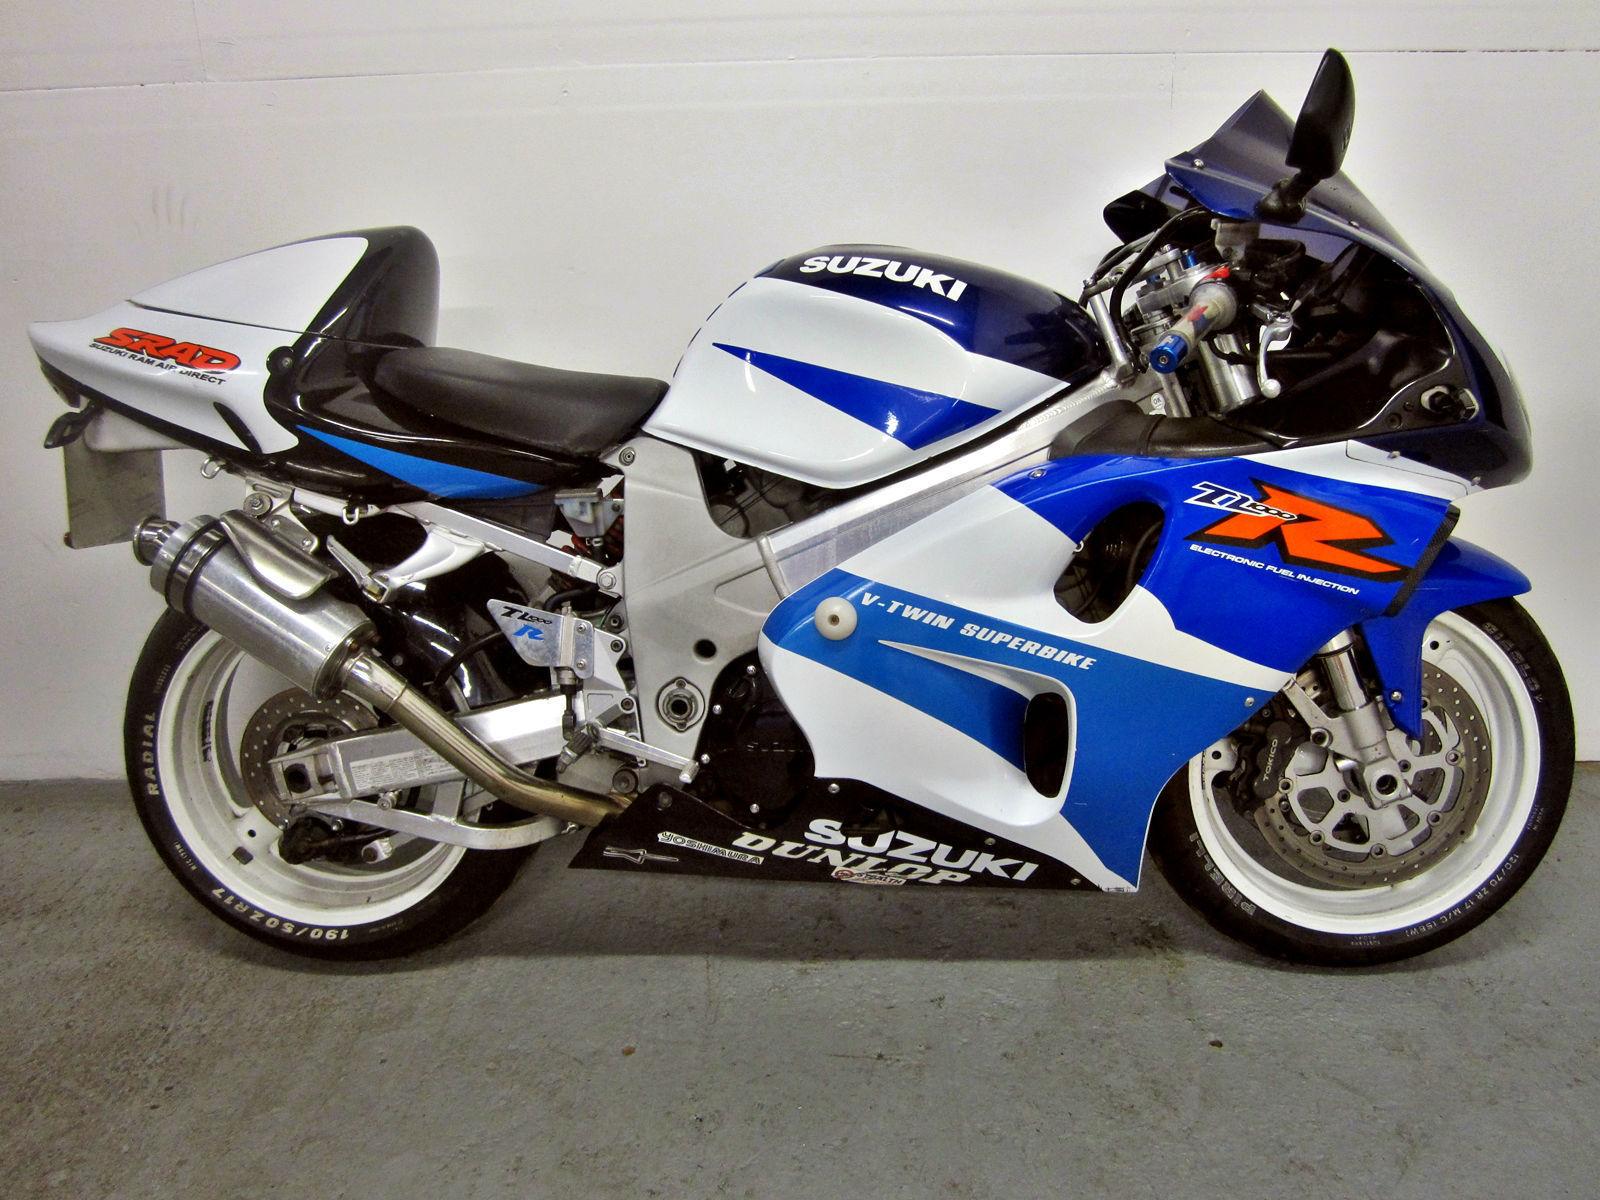 Suzuki TL 1000 R (1998 - 02), prezzo e scheda tecnica